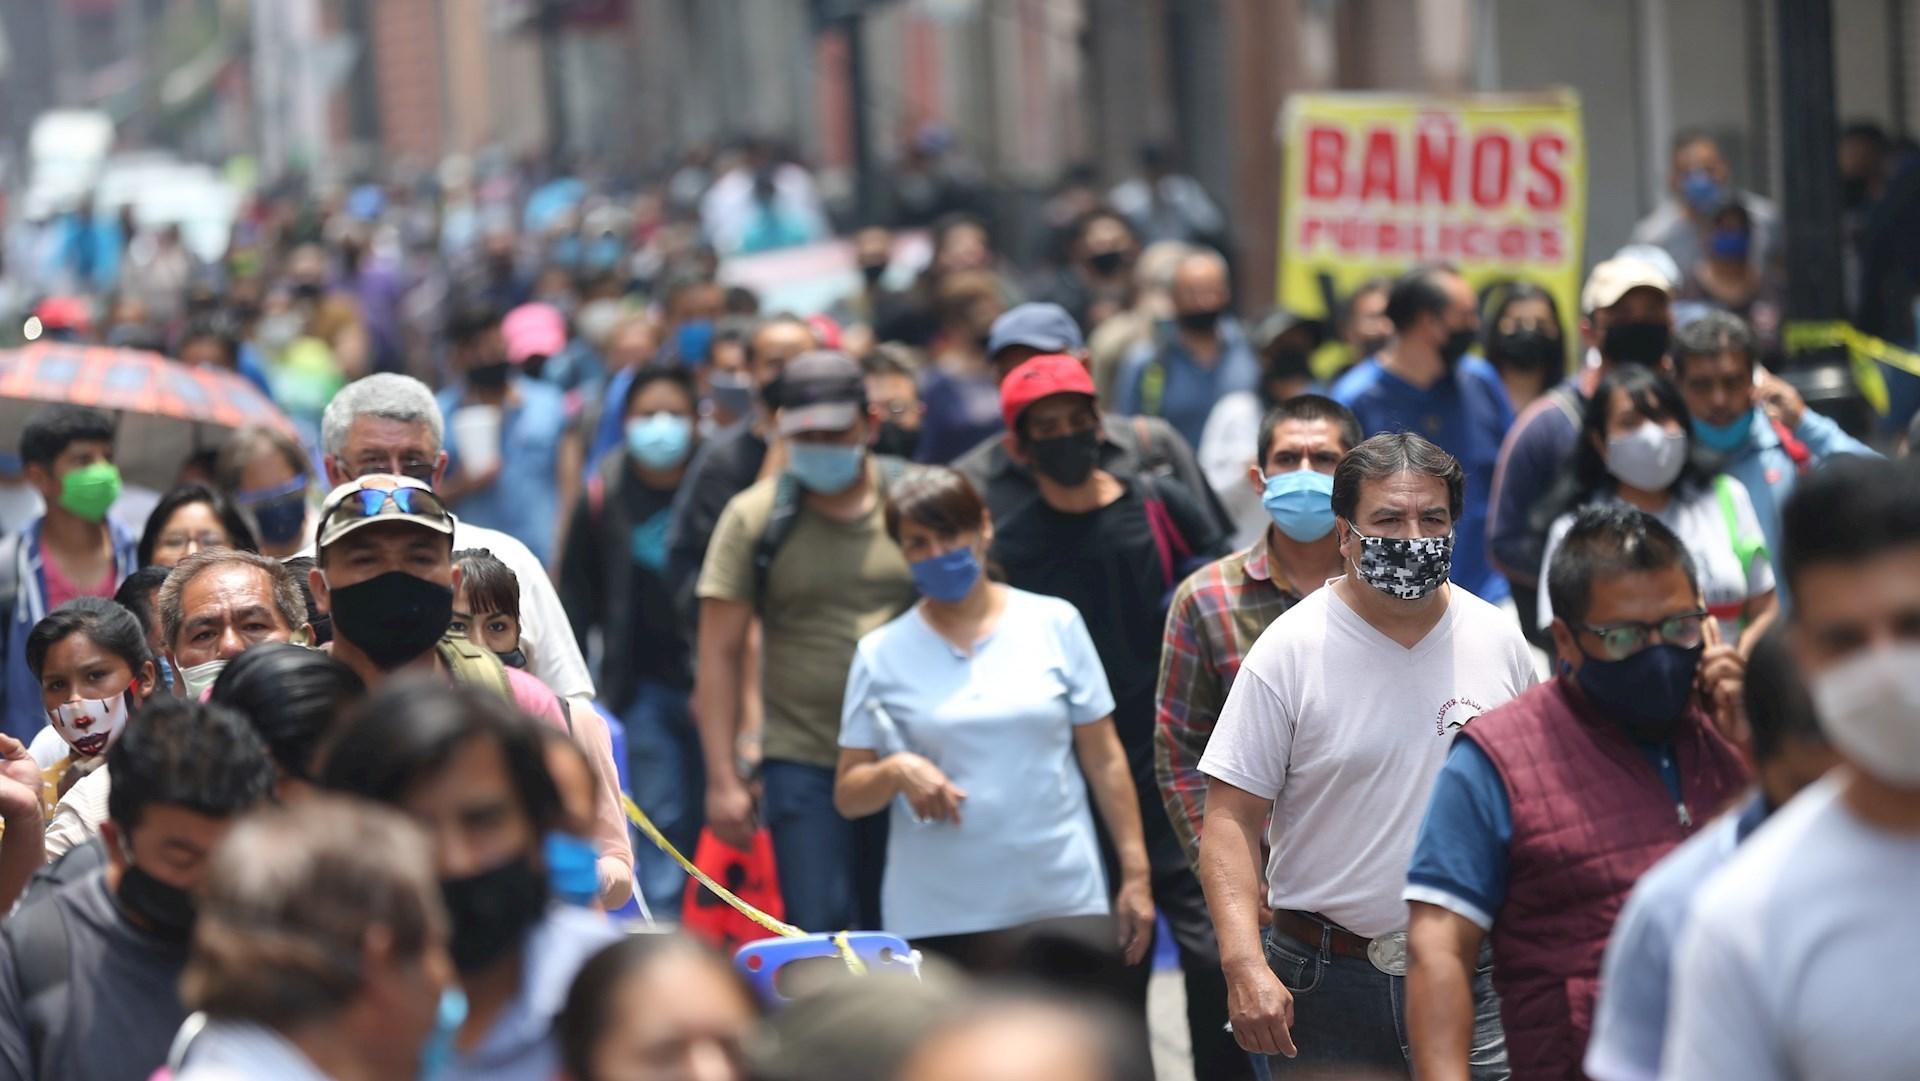 Docenas de personas haciendo fila para ingresar al Centro Histórico en Ciudad de México. Foto de EFE/Sáshenka Gutiérrez.